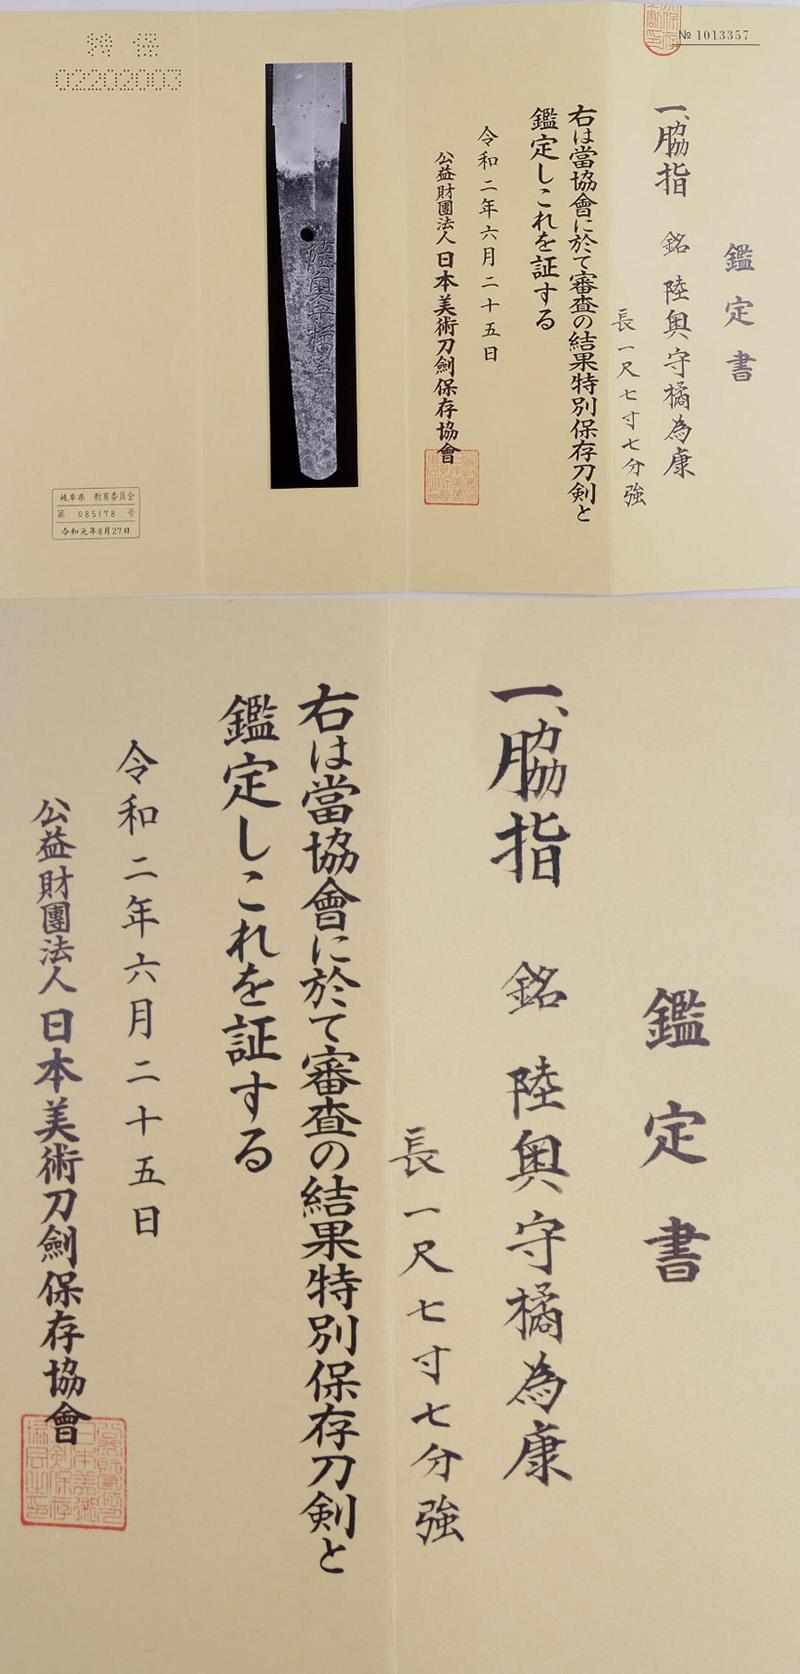 脇差 陸奥守橘為康(大坂石堂)(業物)鑑定書画像